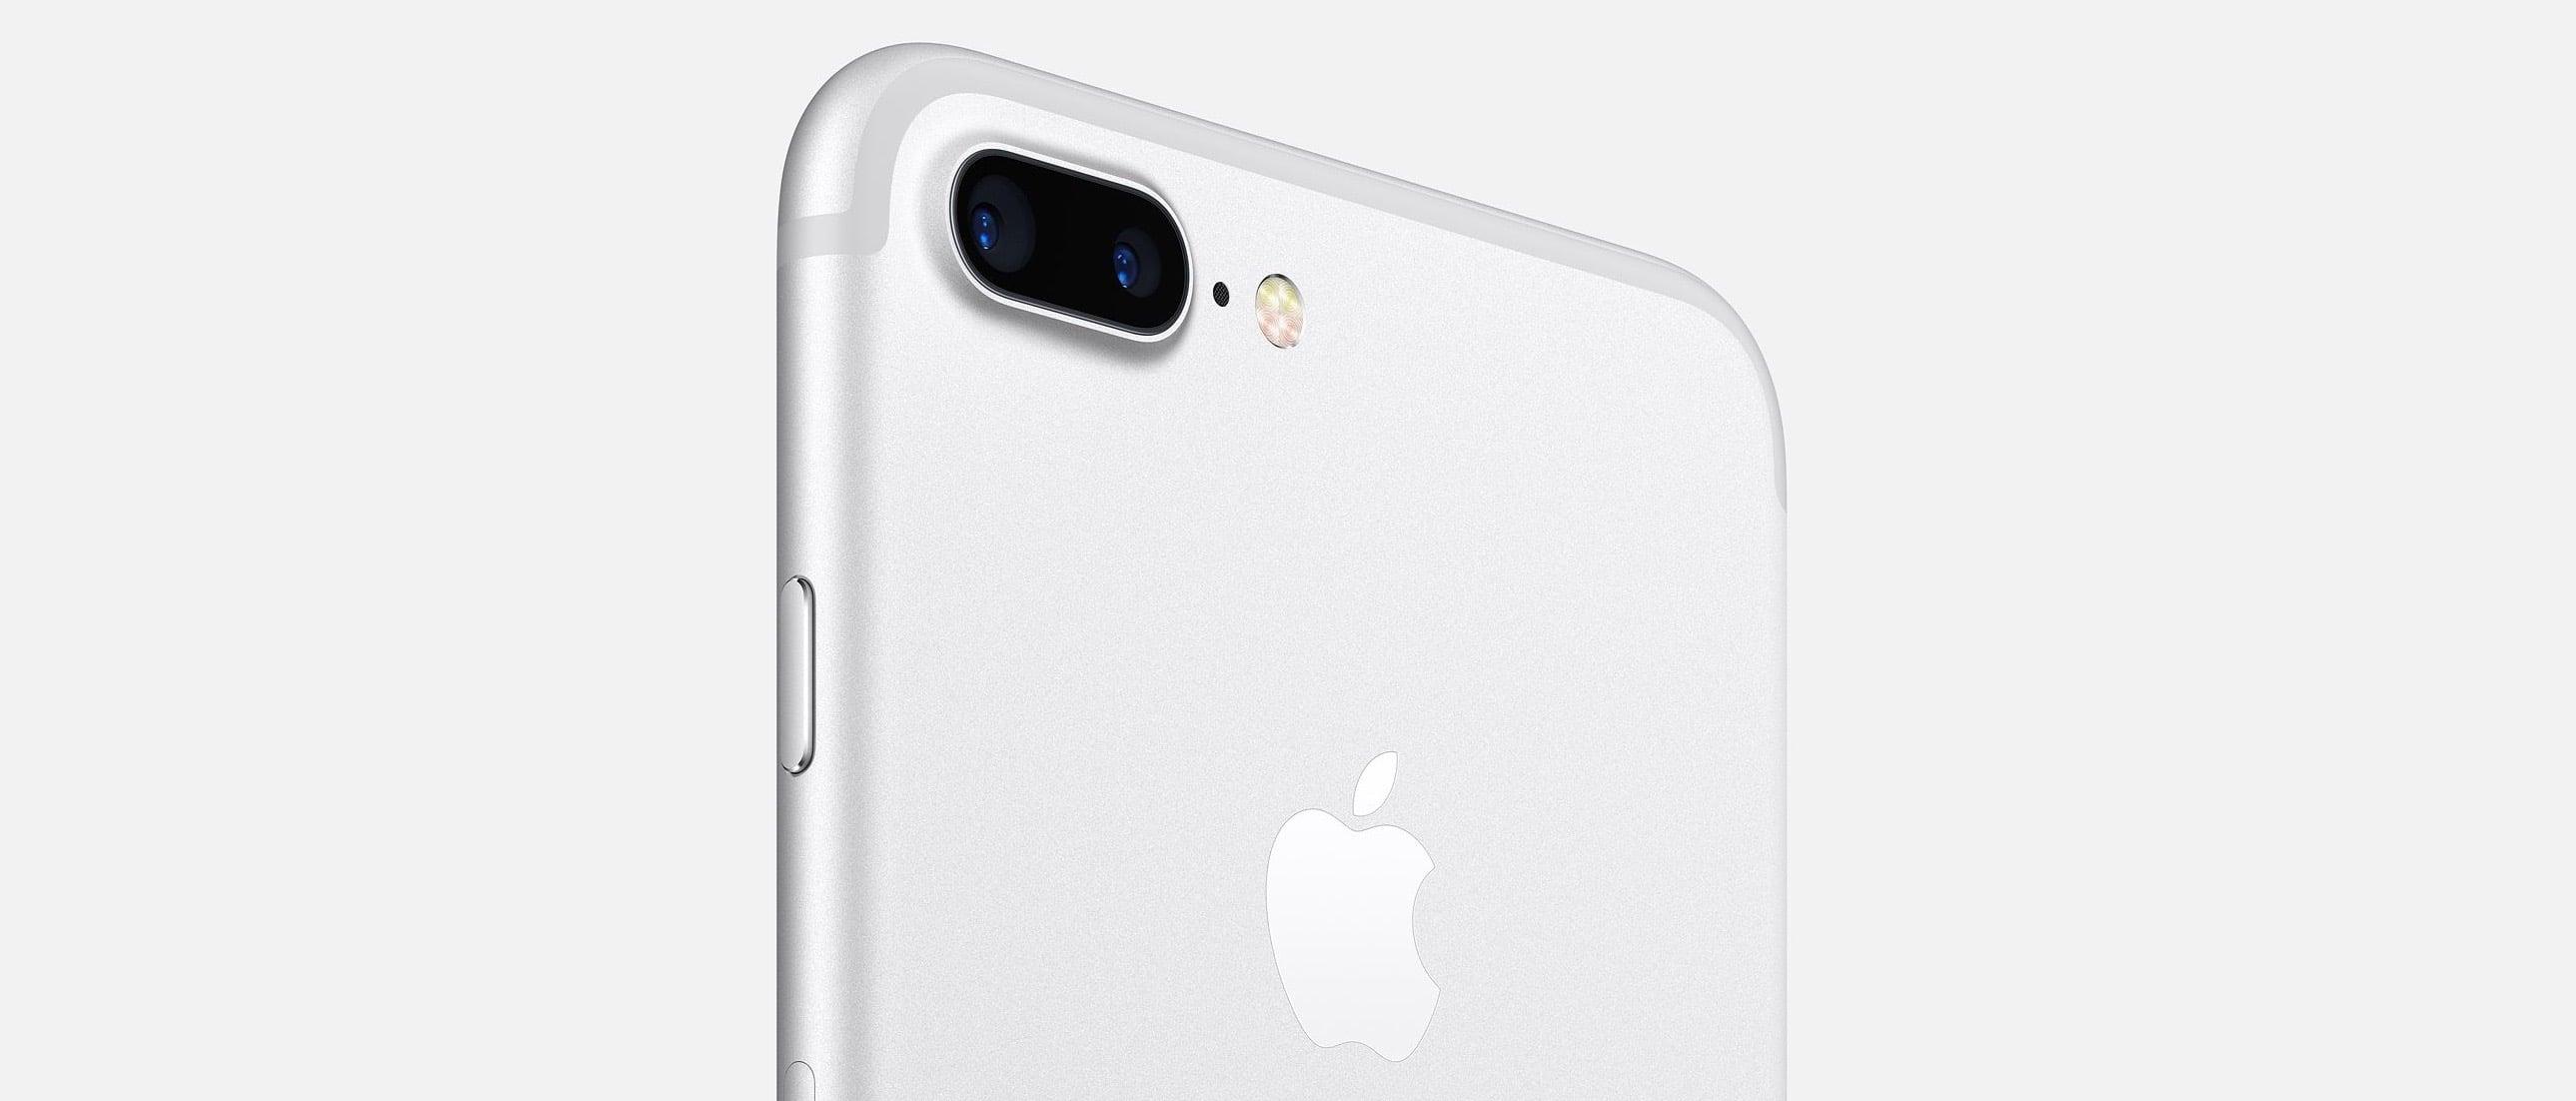 Apple już wybrało - oto najlepsze zdjęcia zrobione iPhonem 26